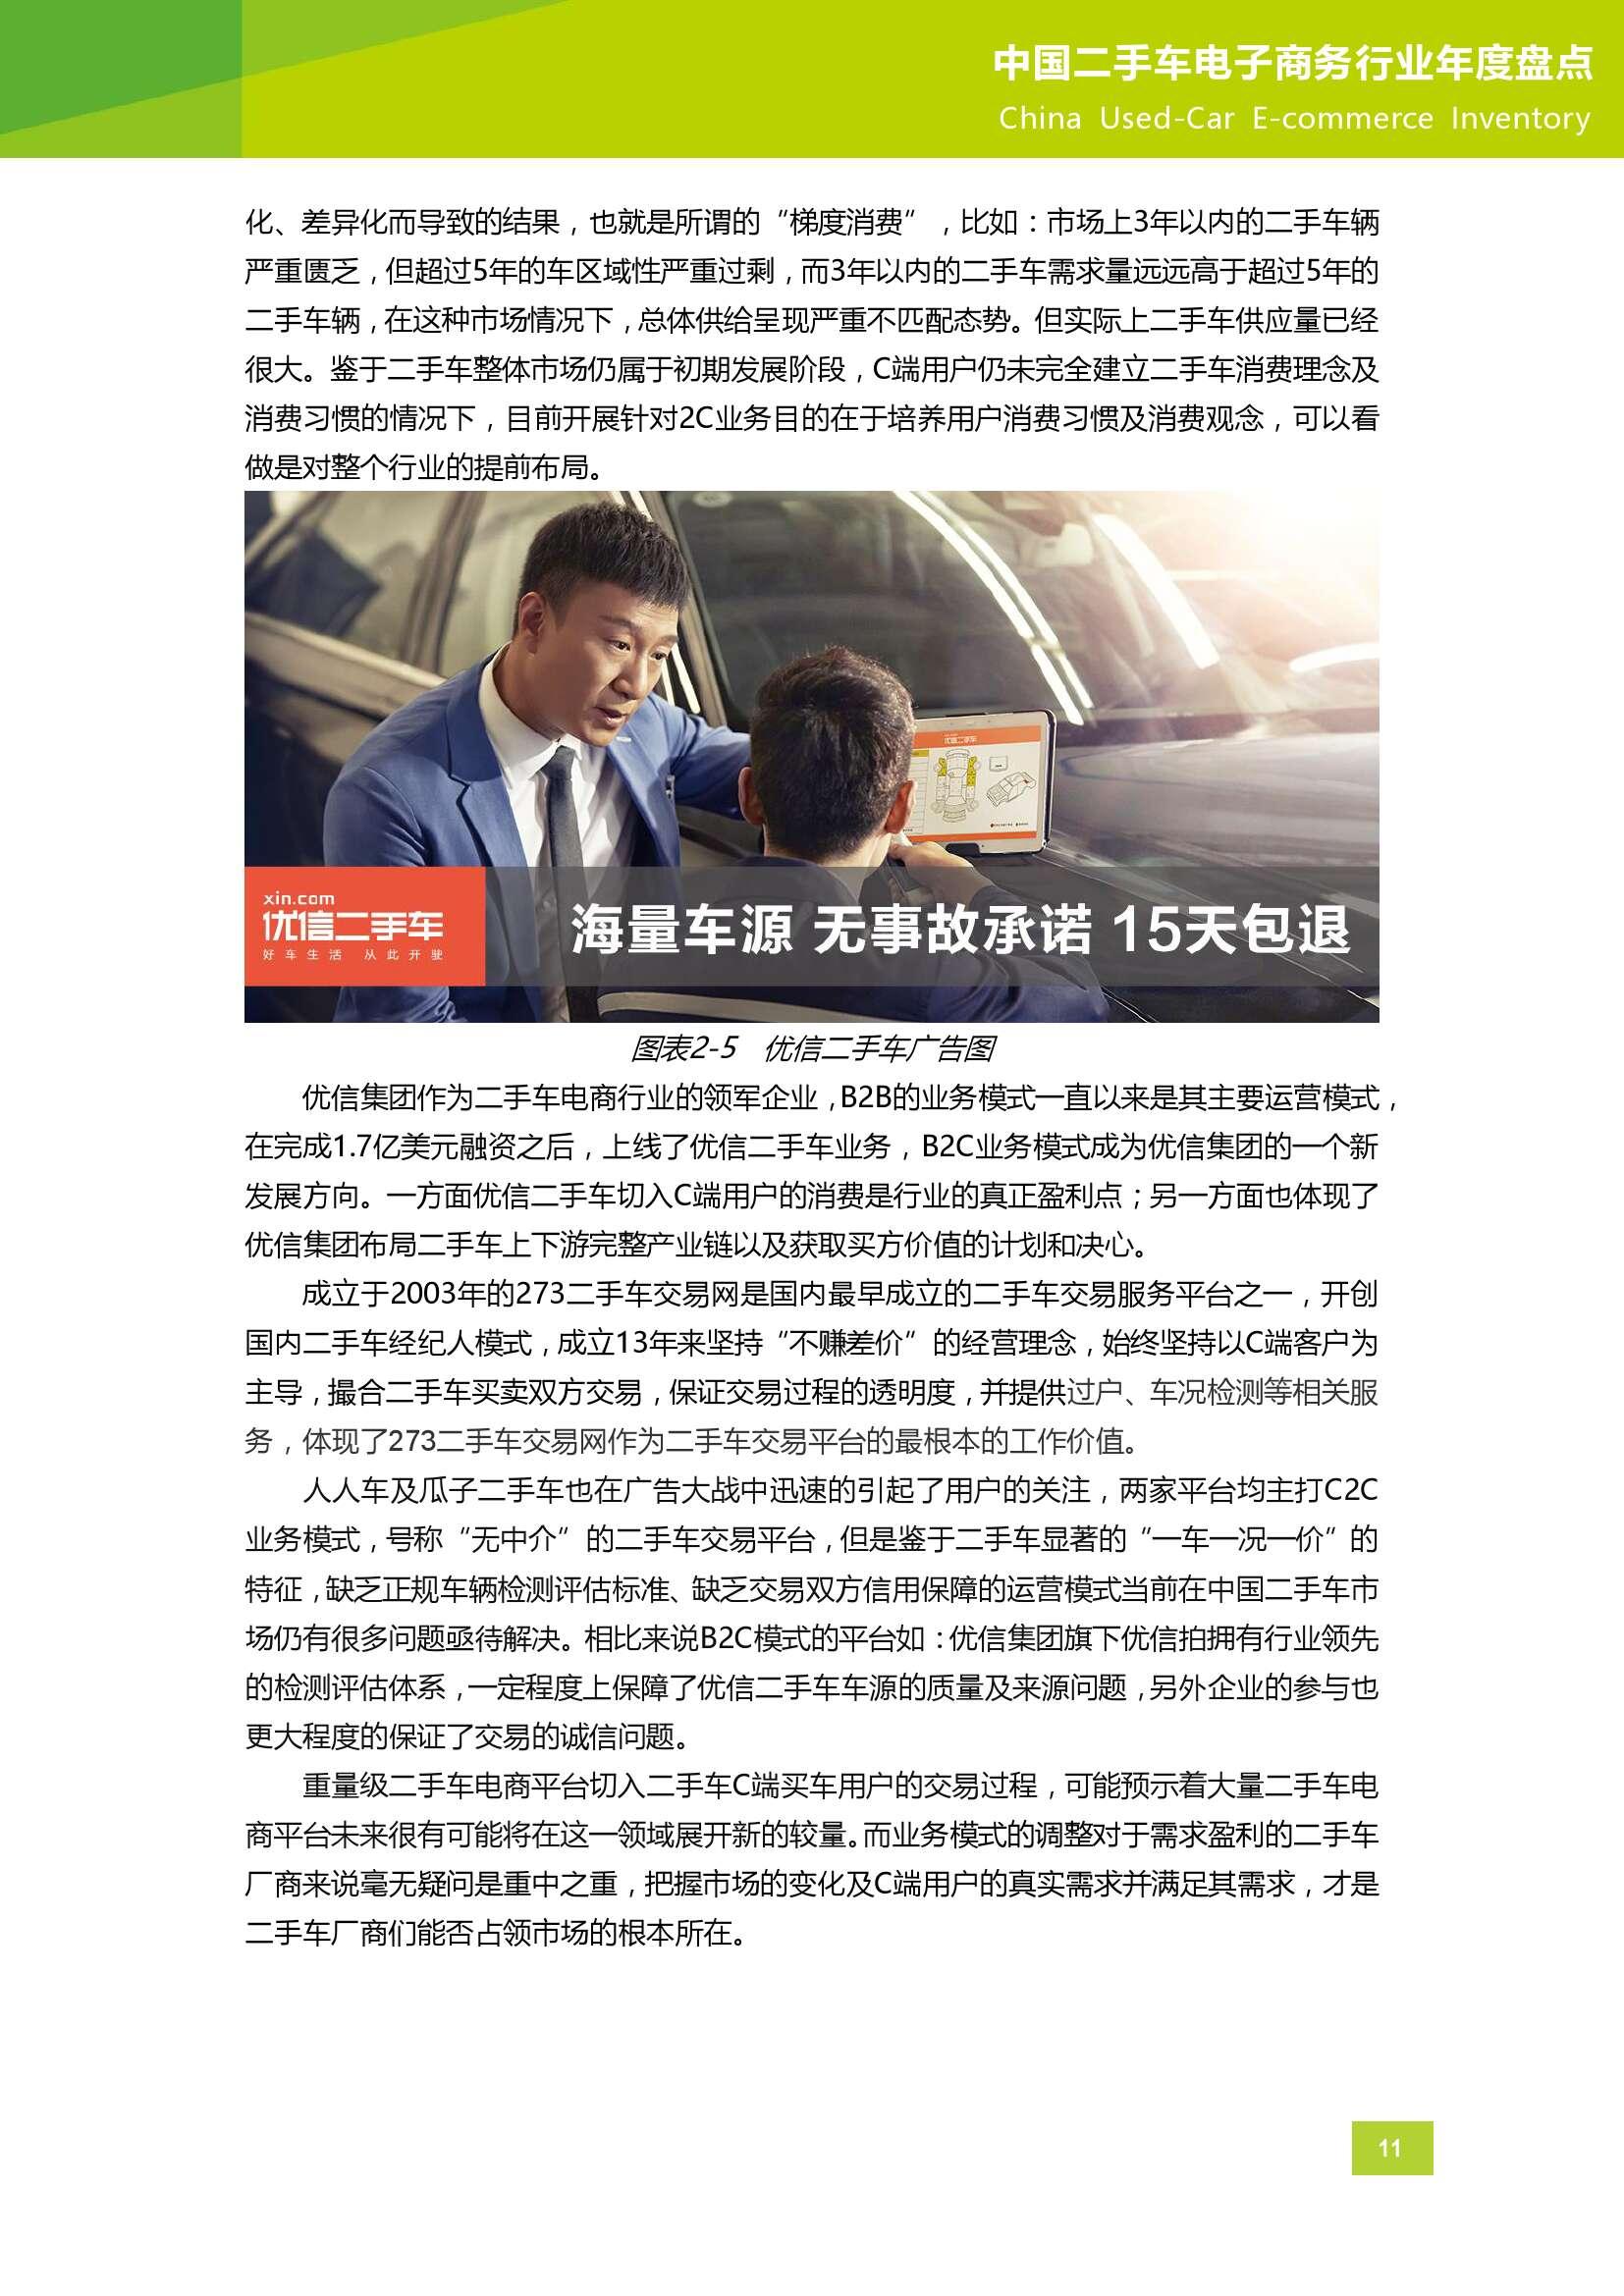 2015年中国二手车电子商务行业年度盘点_000012